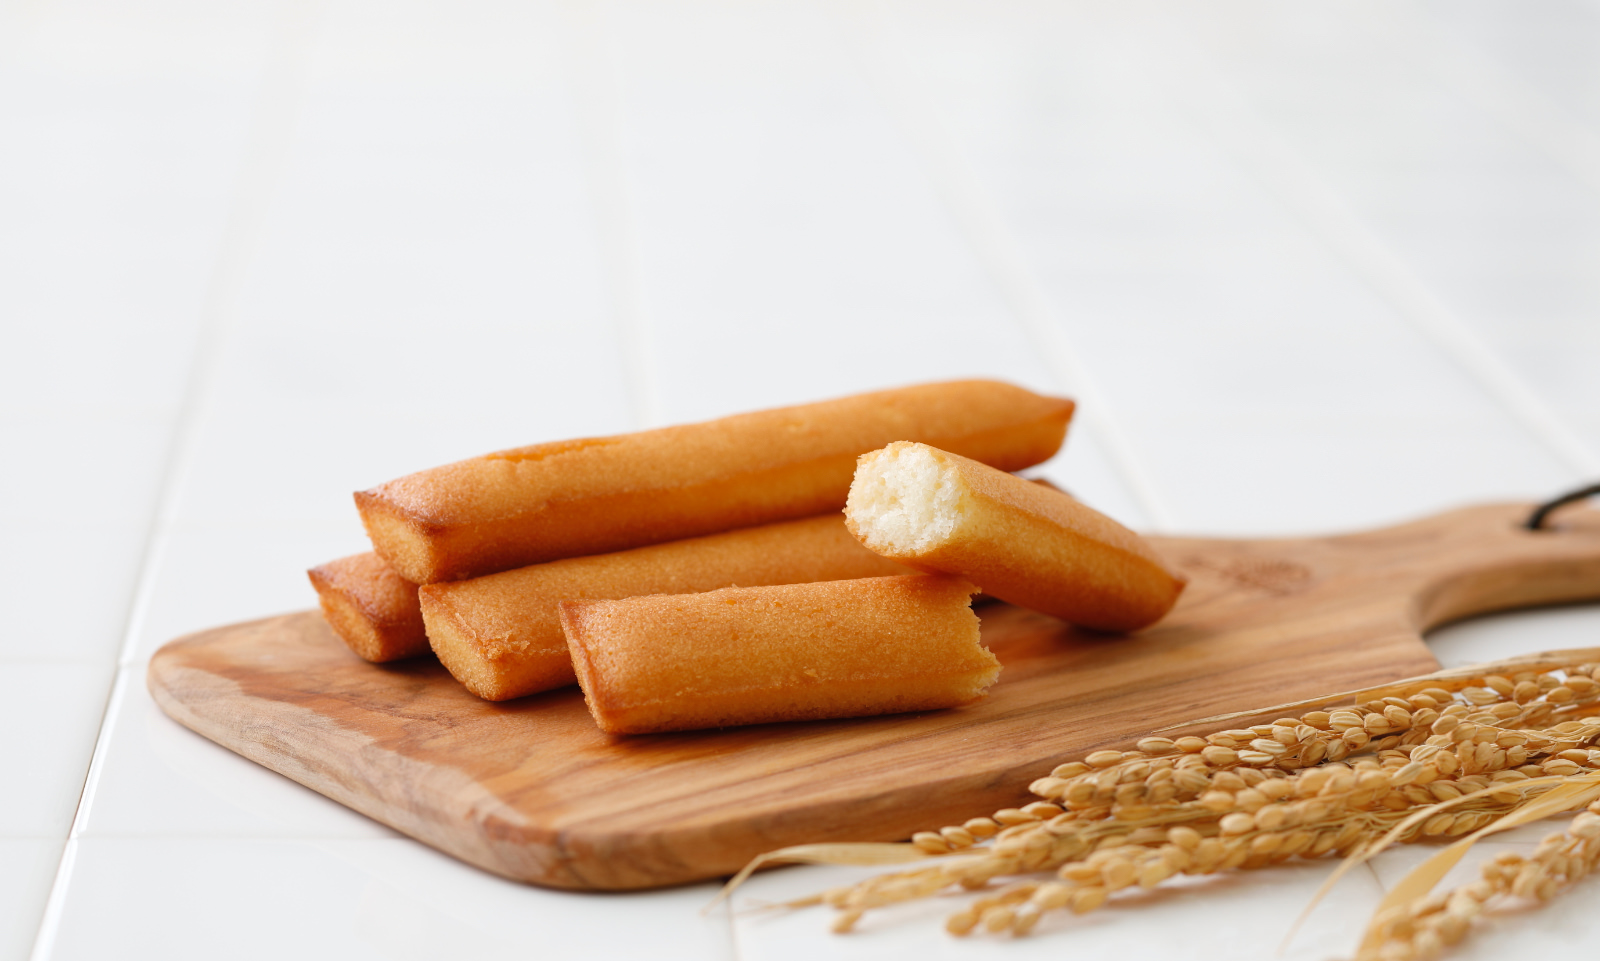 学童施設に小麦アレルギーでもたべられる米粉フィナンシェを無償提供